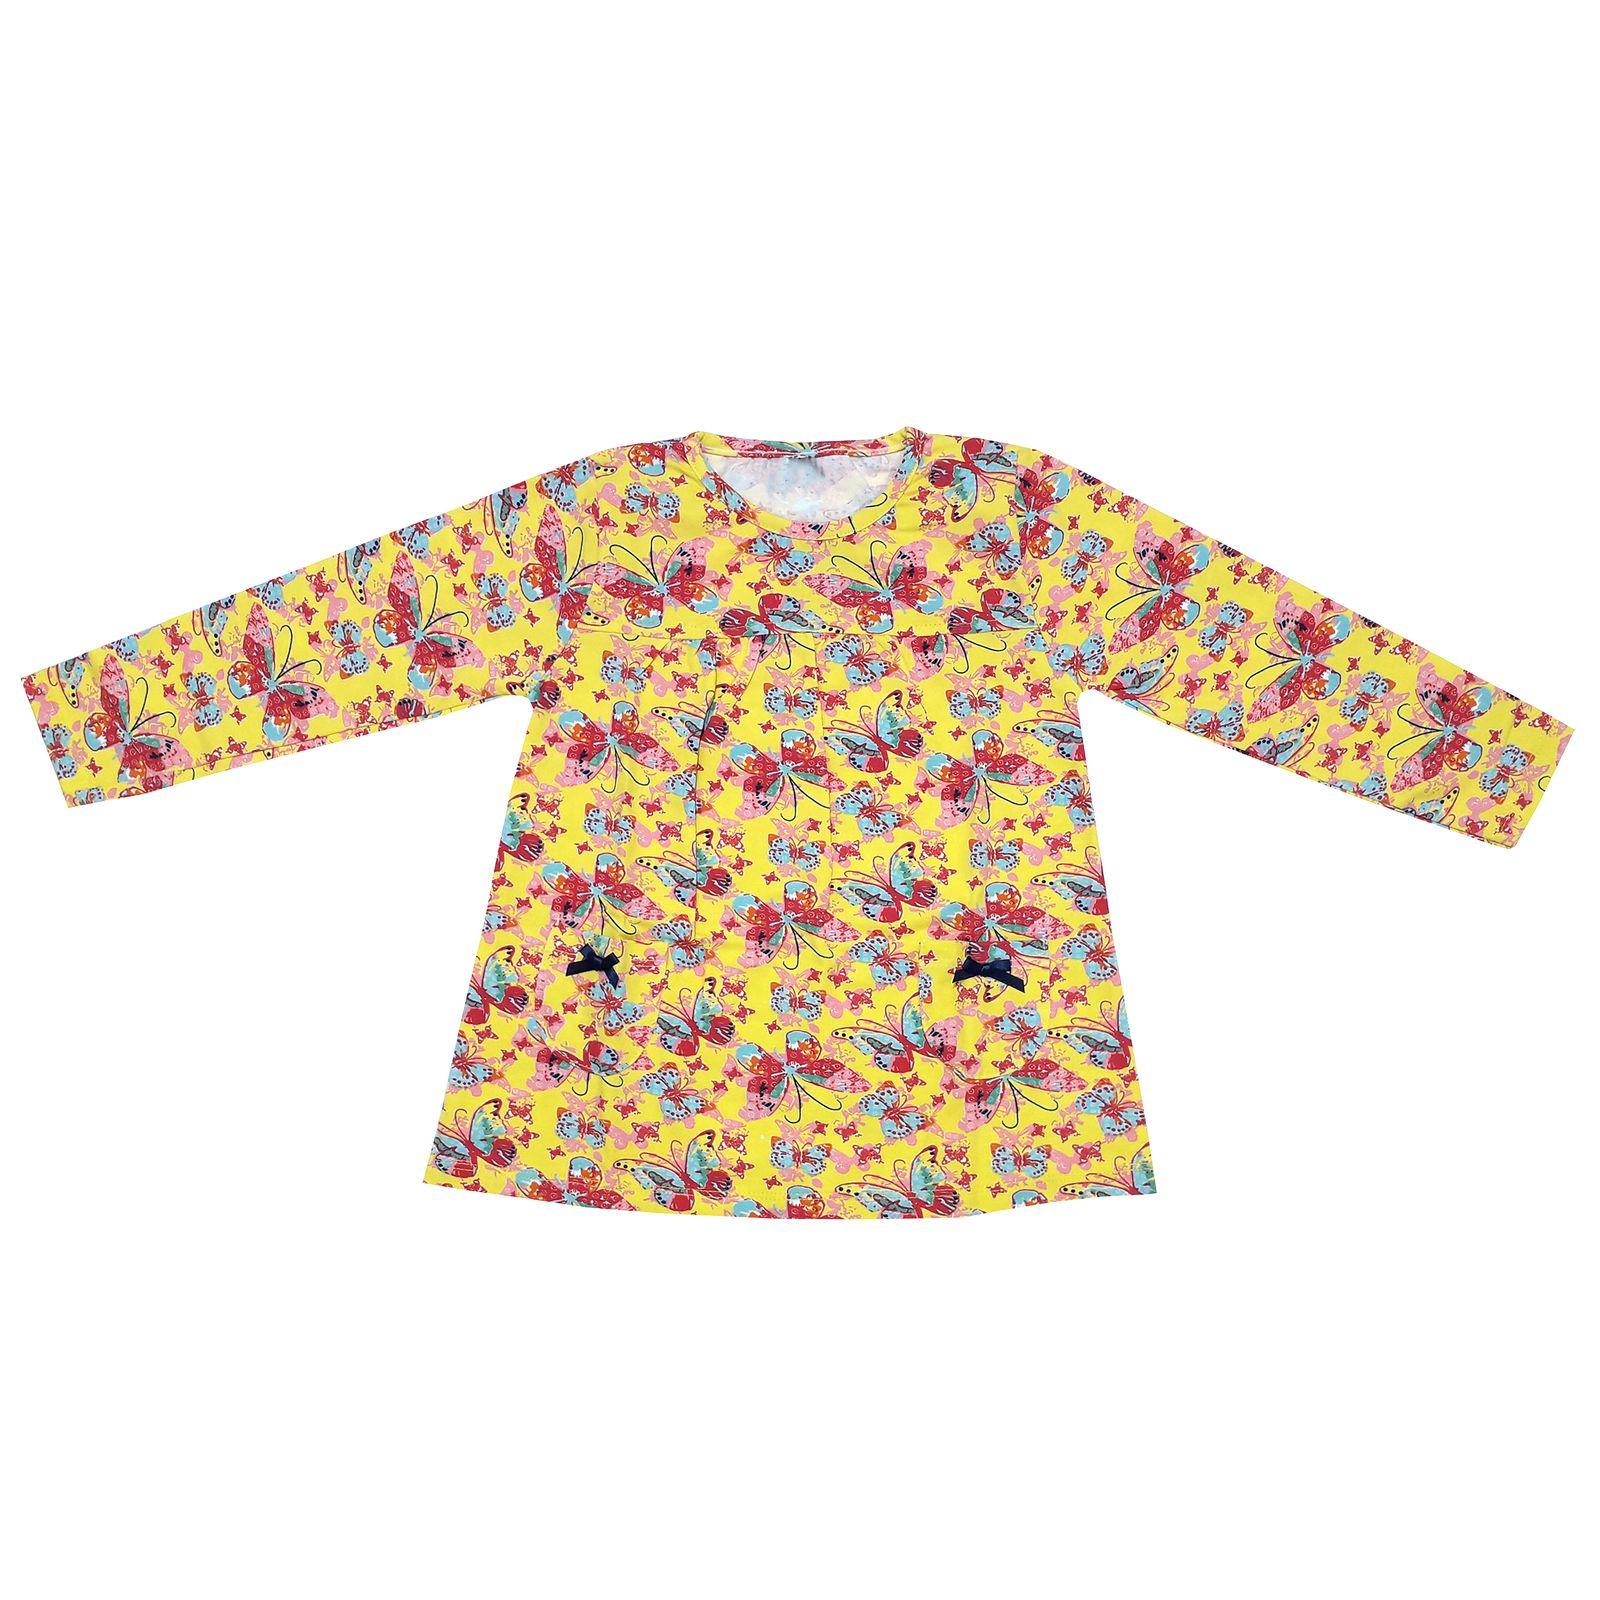 ست تی شرت و شلوار دخترانه طرح پروانه کد 3071 رنگ زرد -  - 4